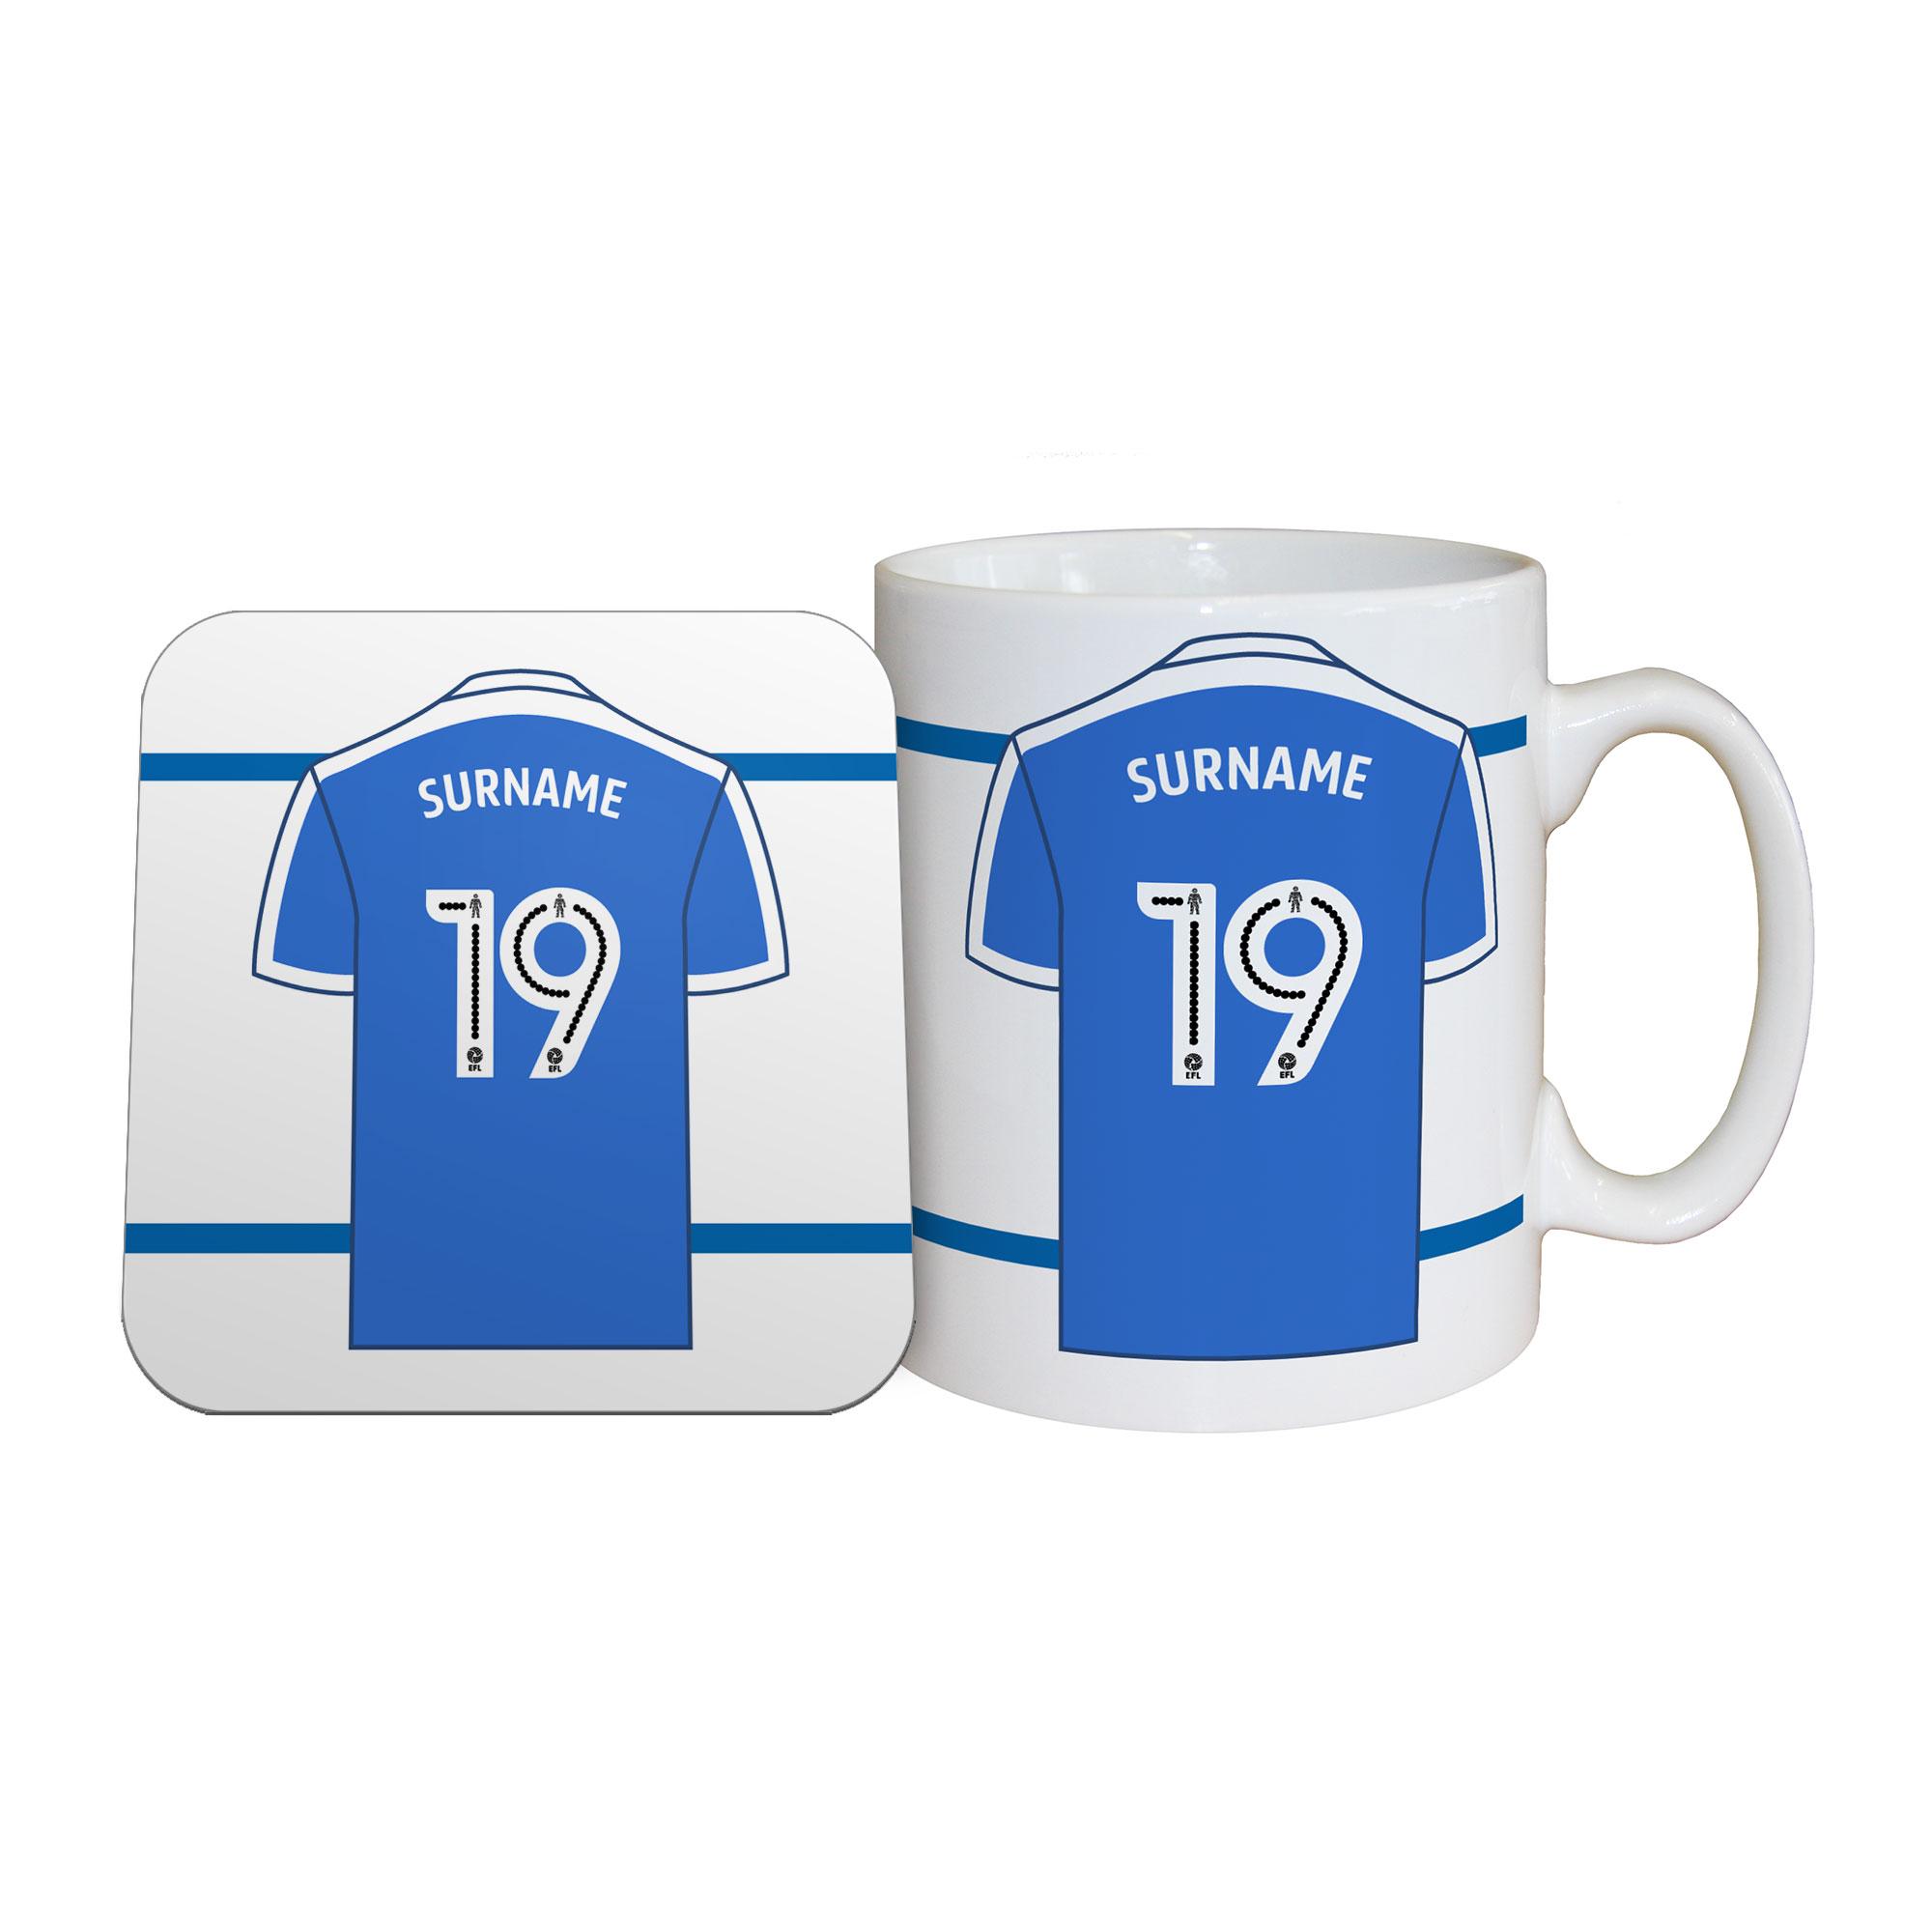 Peterborough United FC Shirt Mug & Coaster Set